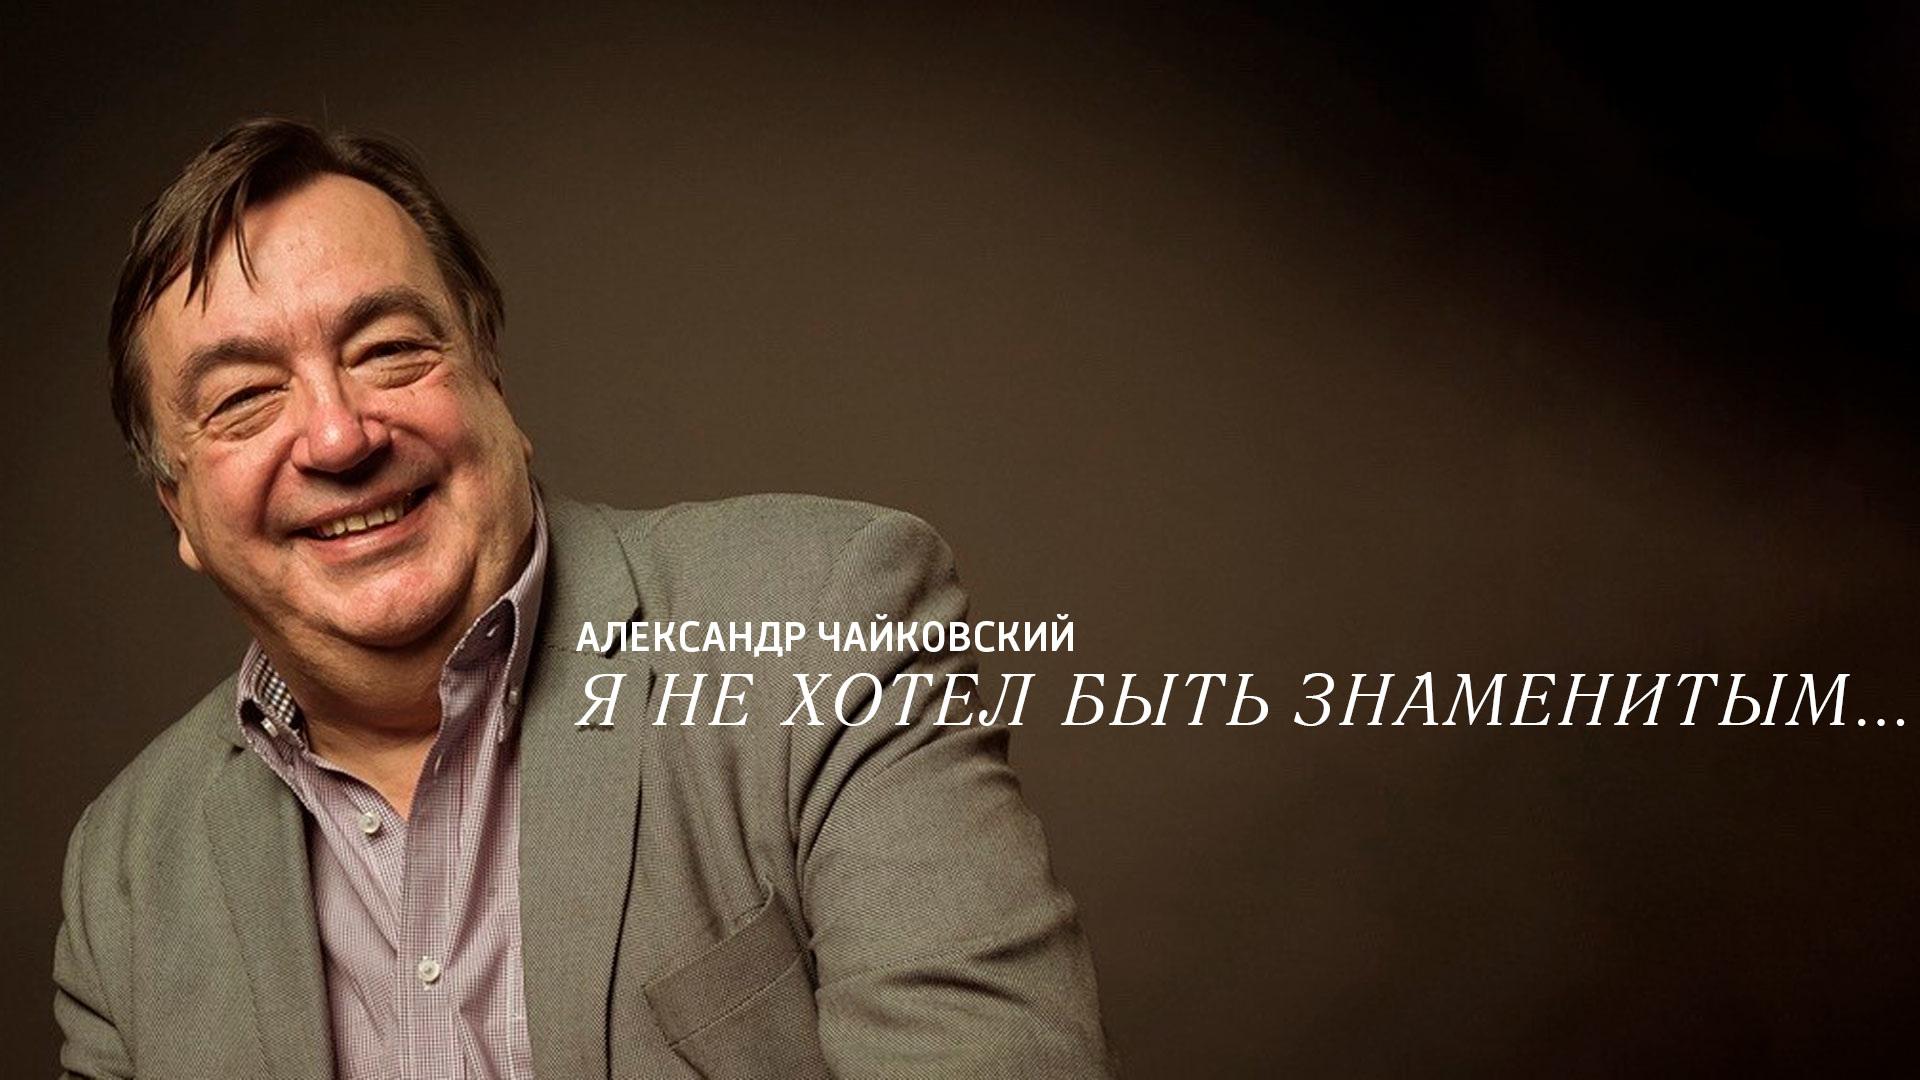 Александр Чайковский. Я не хотел быть знаменитым…